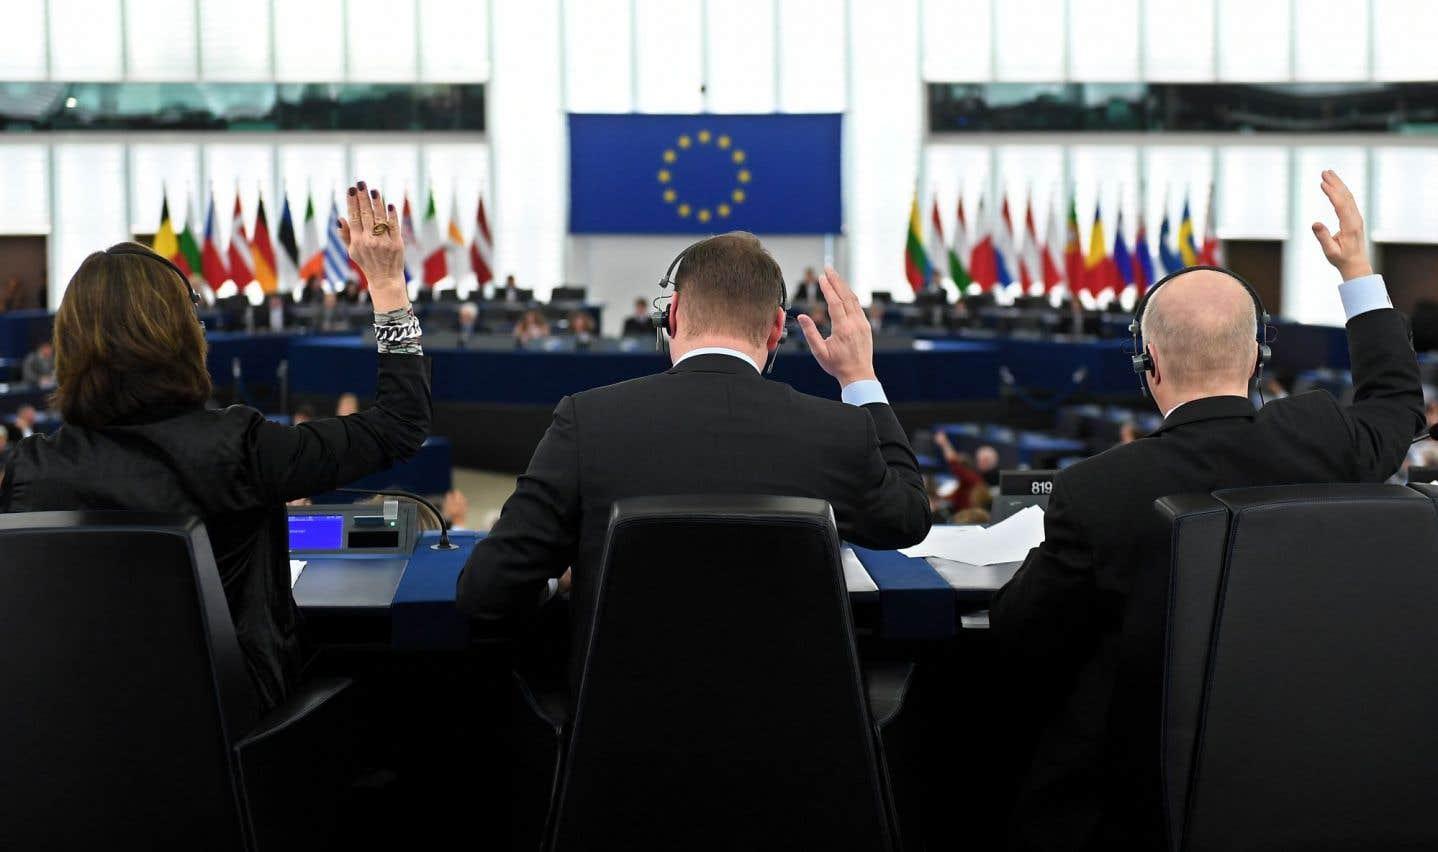 L'Europe dit oui au libre-échange avec le Canada